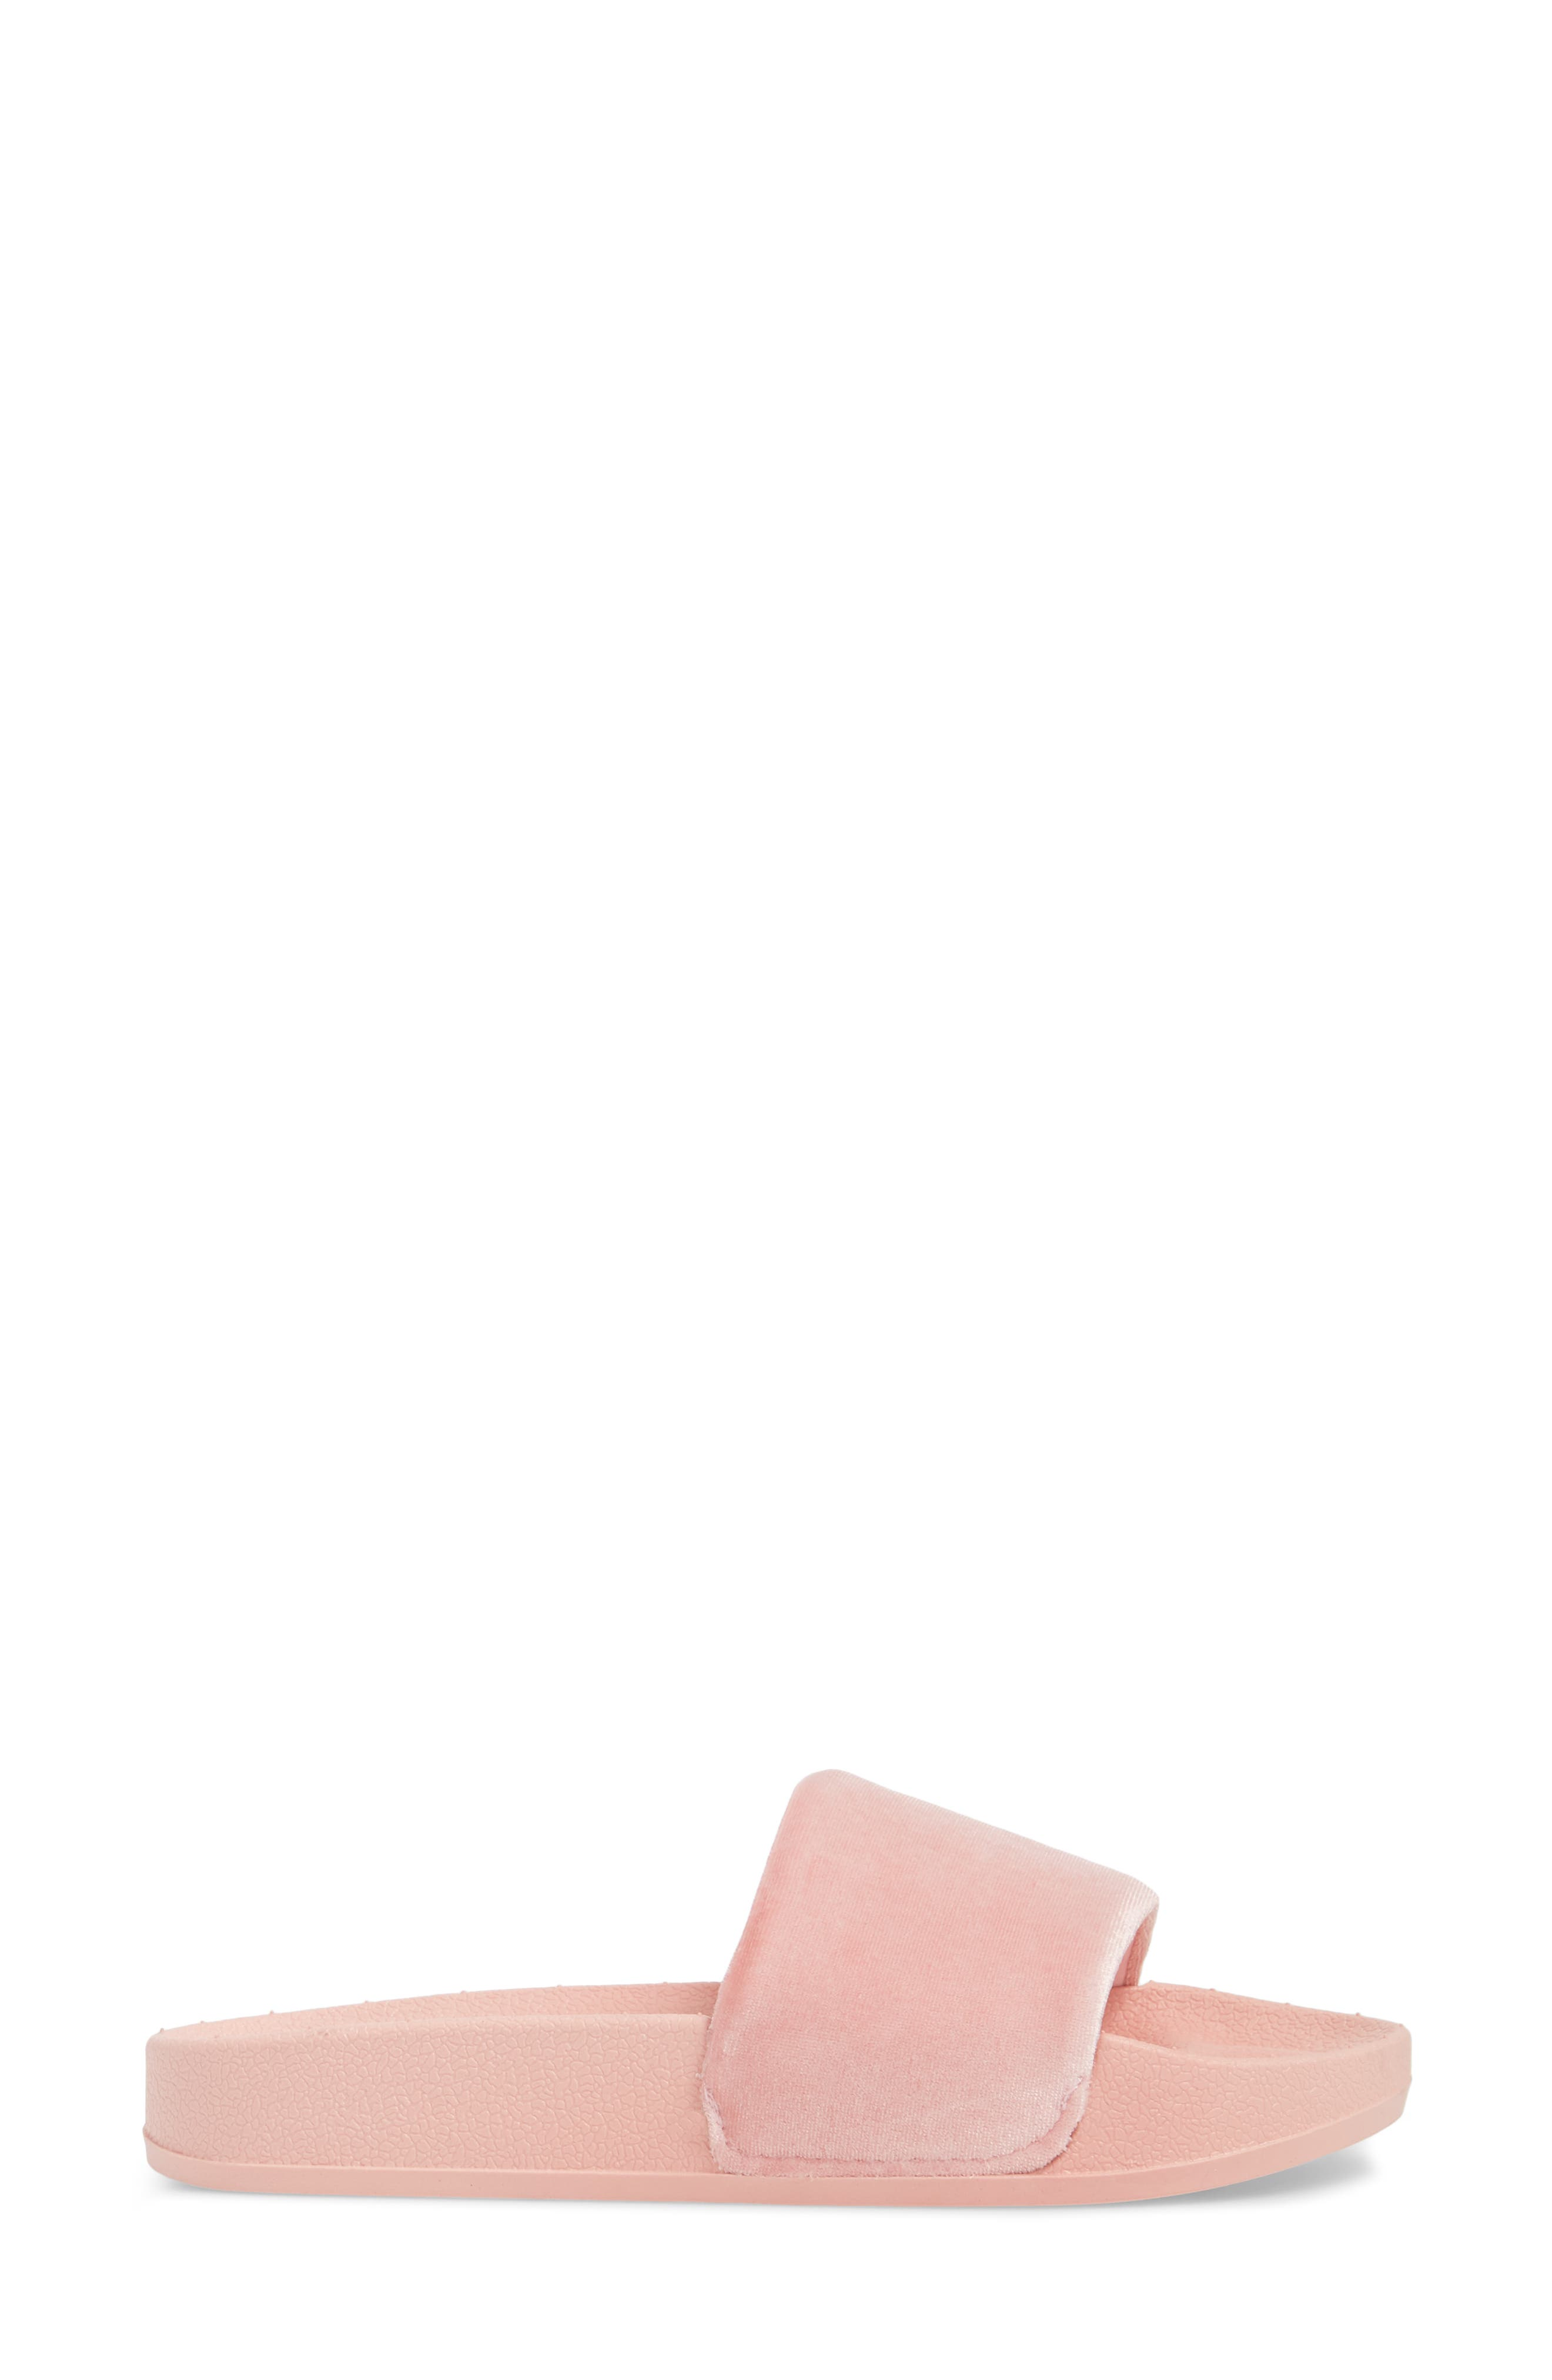 Slide Sandal,                             Alternate thumbnail 3, color,                             Blush